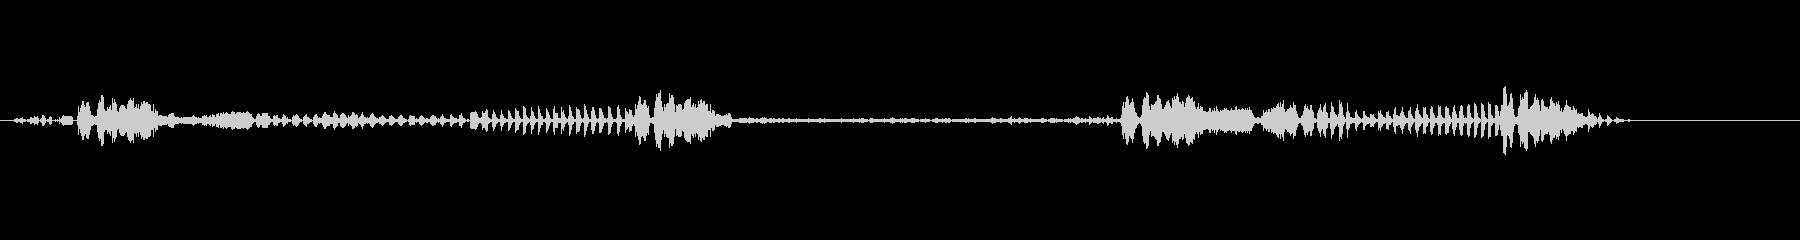 ファームのオンドリの未再生の波形